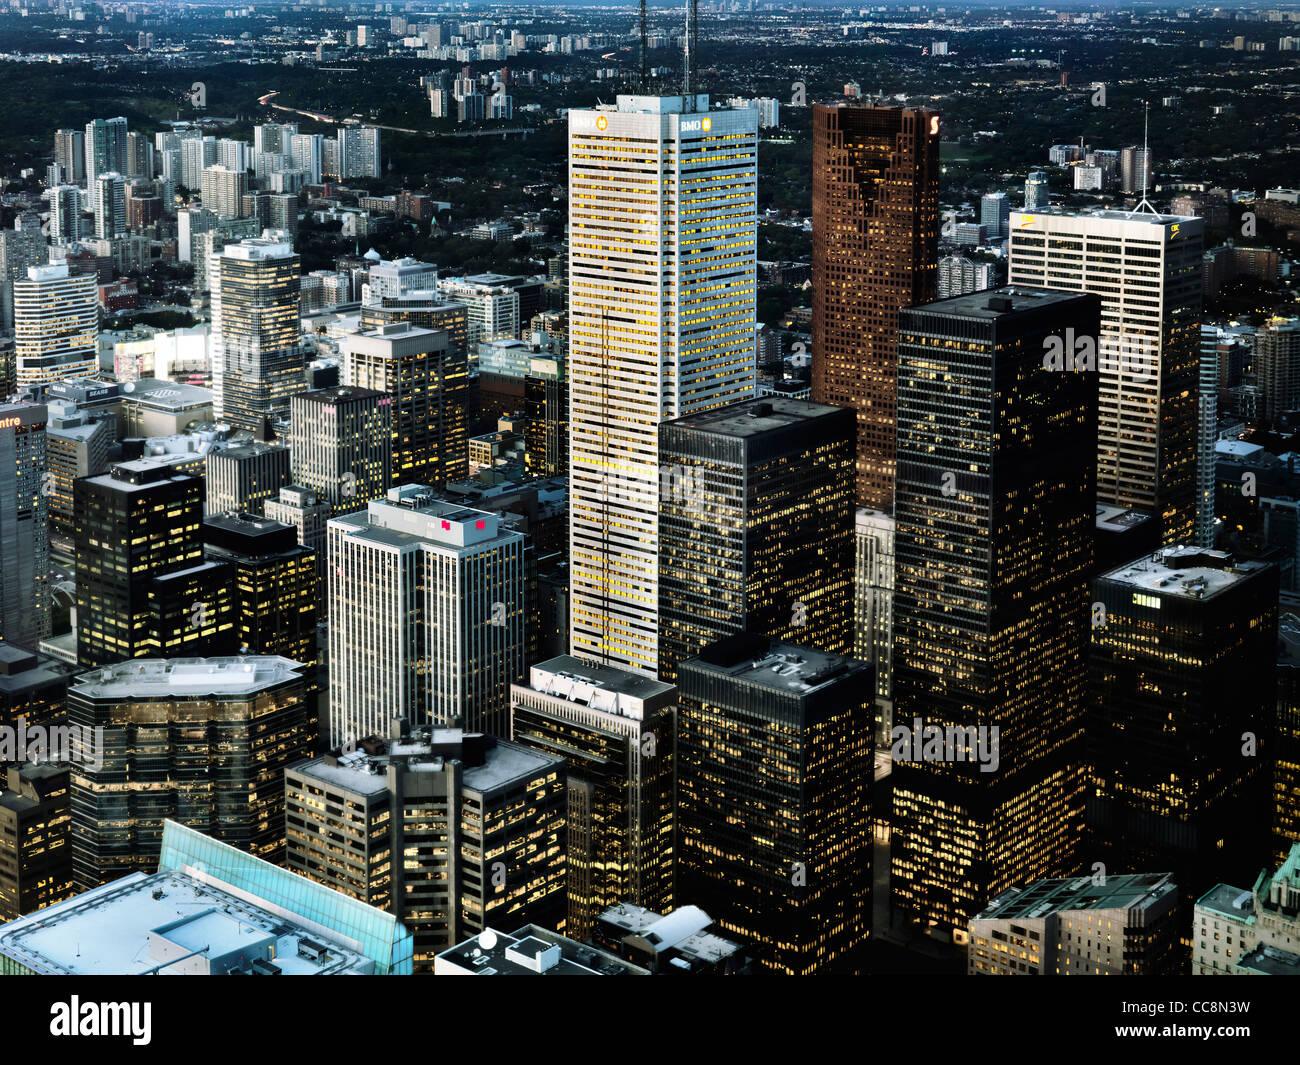 Vue aérienne de la ville de Toronto centre-ville de Tours, au crépuscule, en Ontario, Canada 2009. Photo Stock